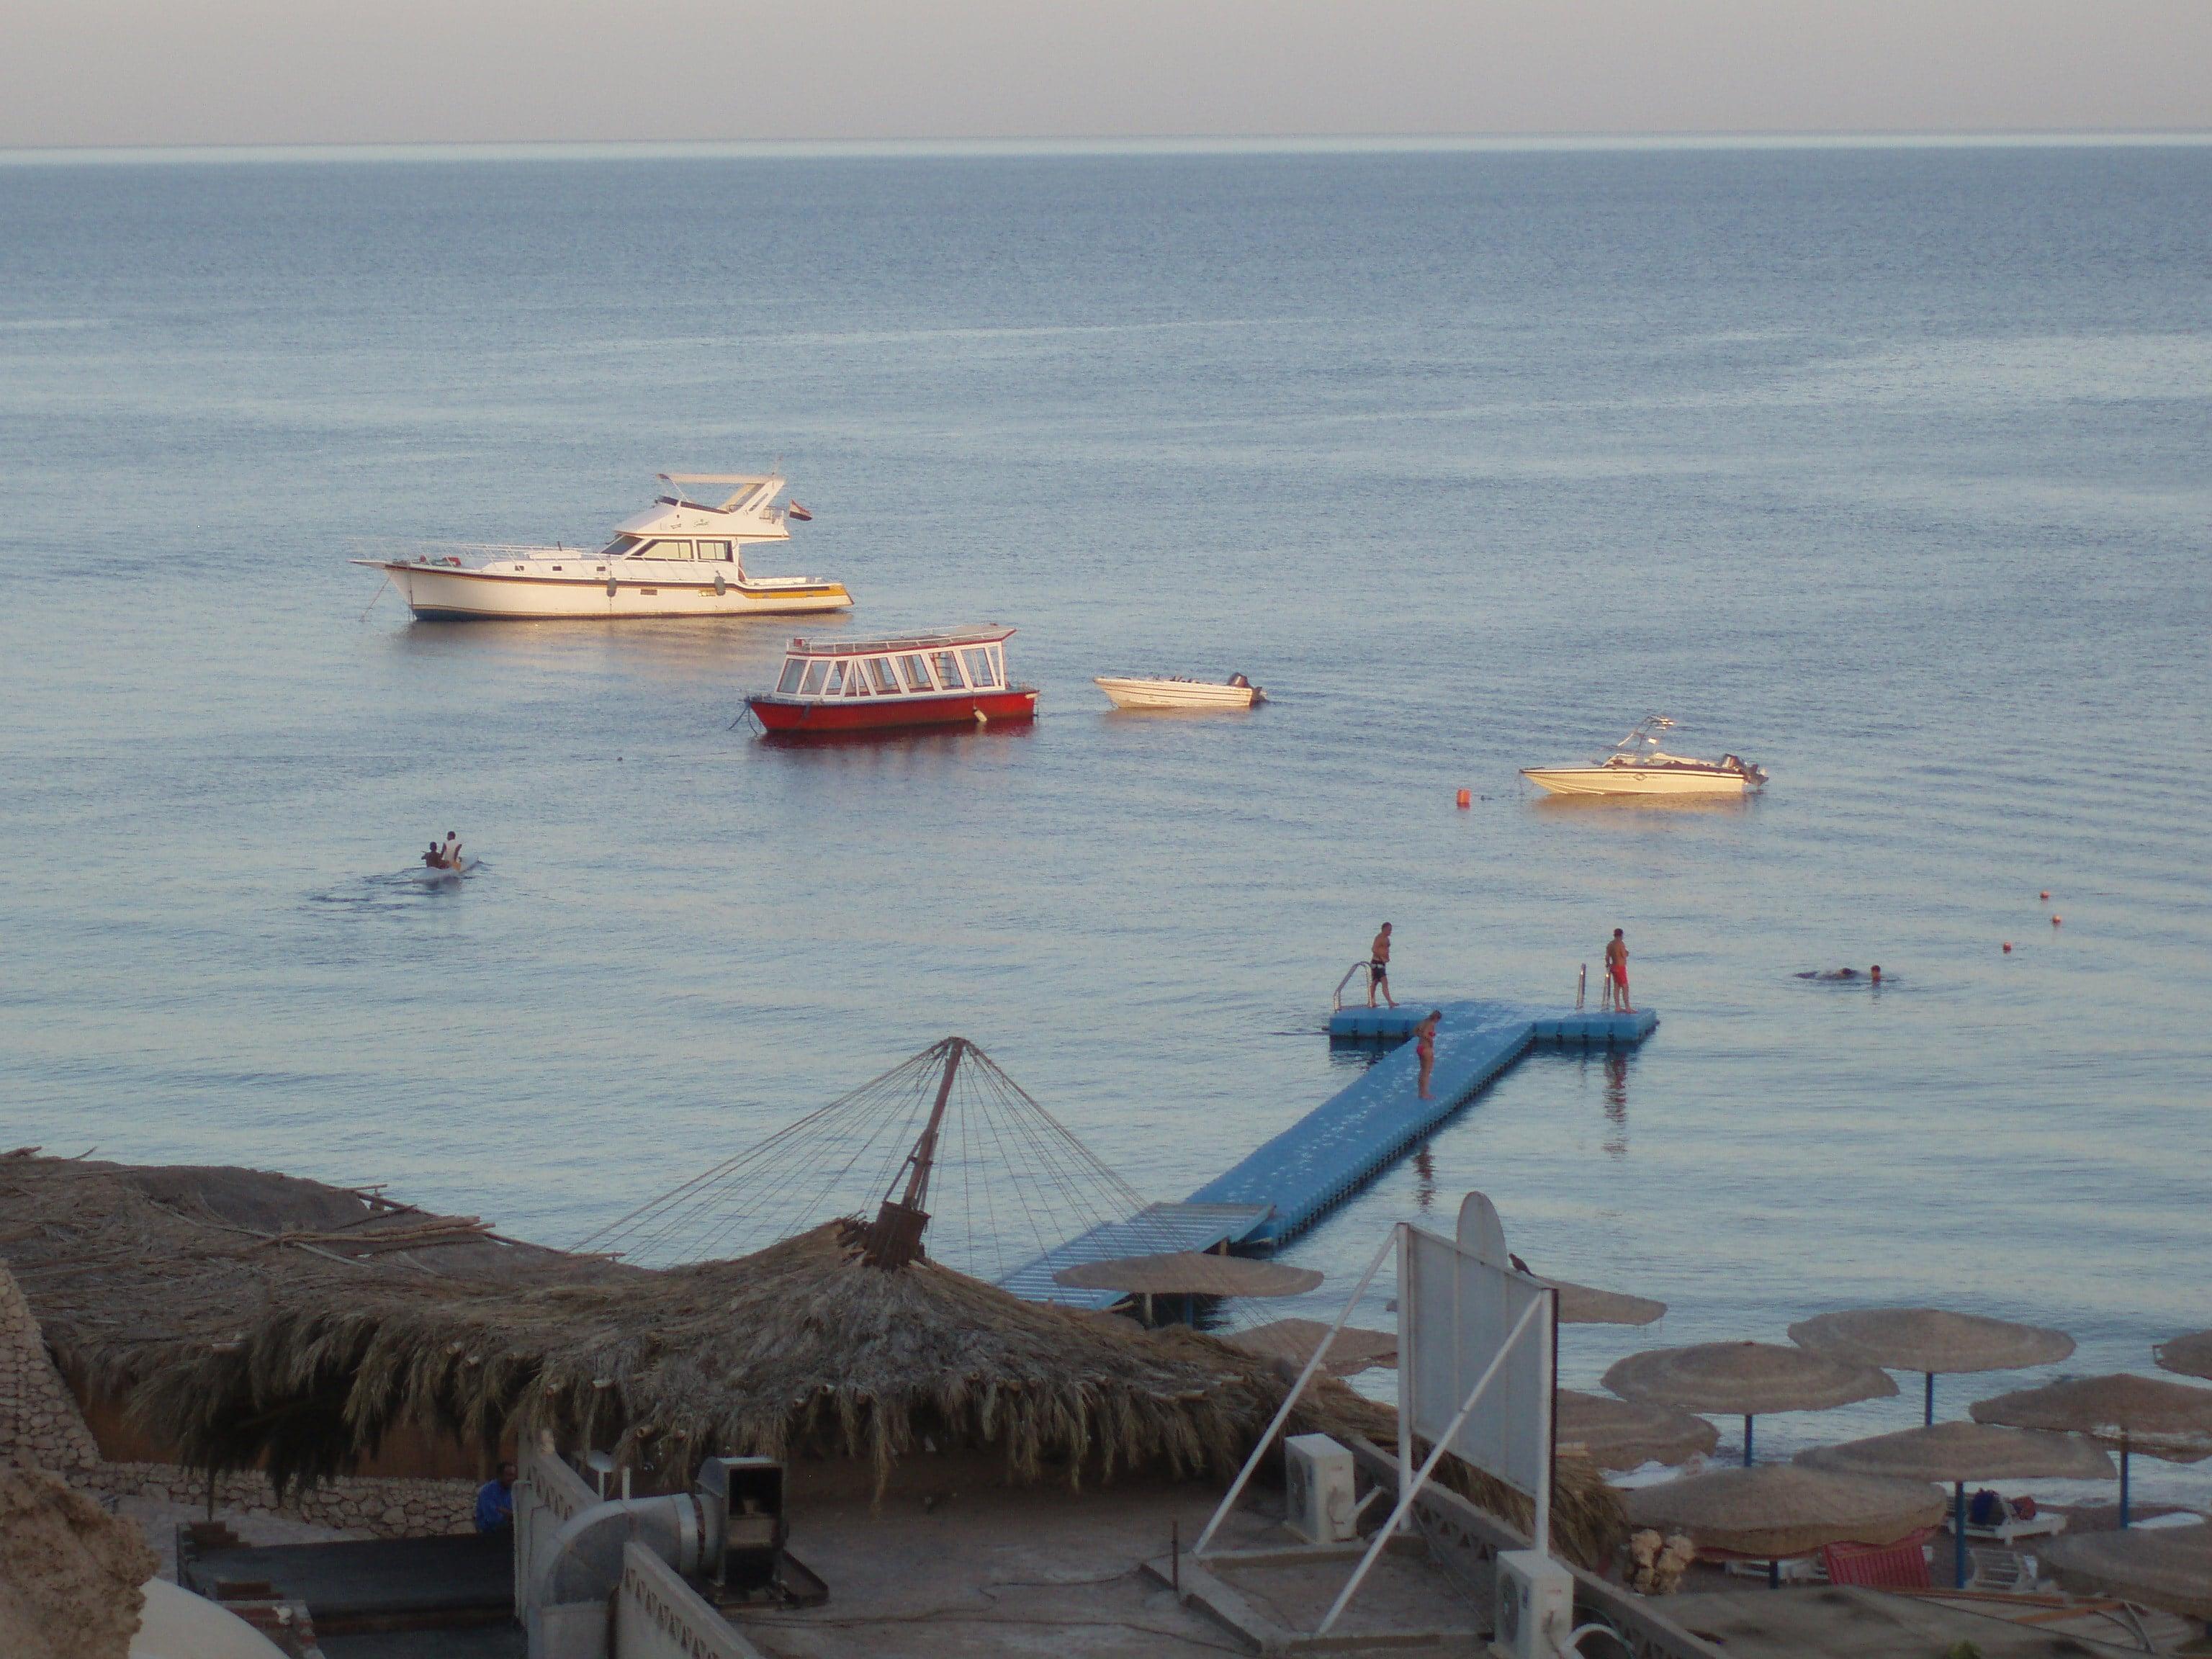 La dannosa presenza del turismo irresponsabile nel Mar Rosso. Fotografia di ©ericared70, da Flickr (CC)